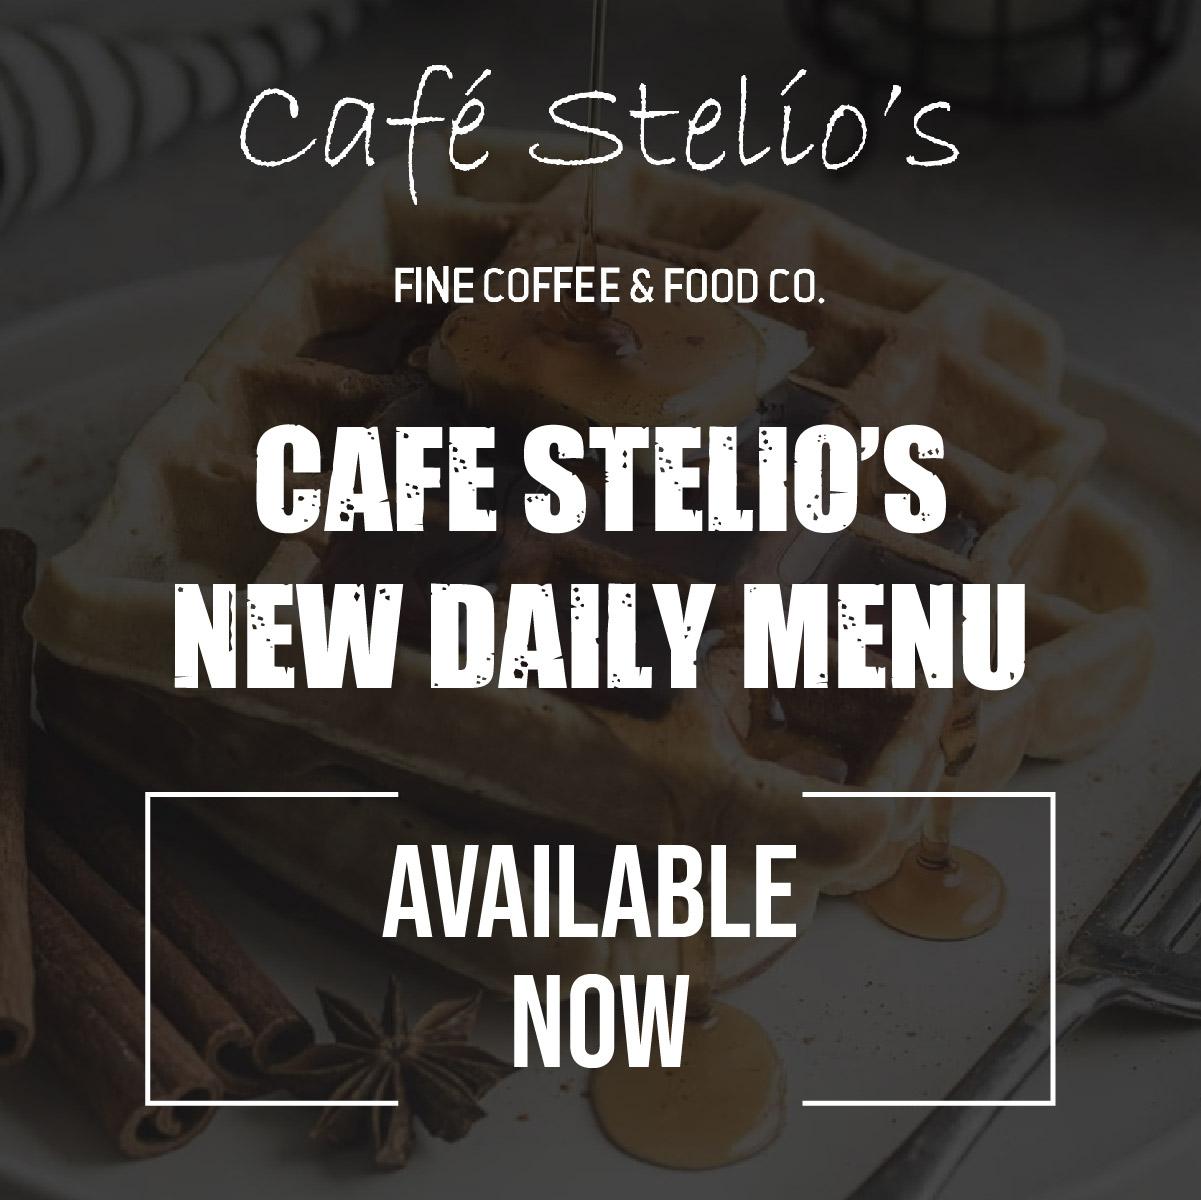 Cafe Stelios Daily Menu_Mesa de trabajo 1 copia